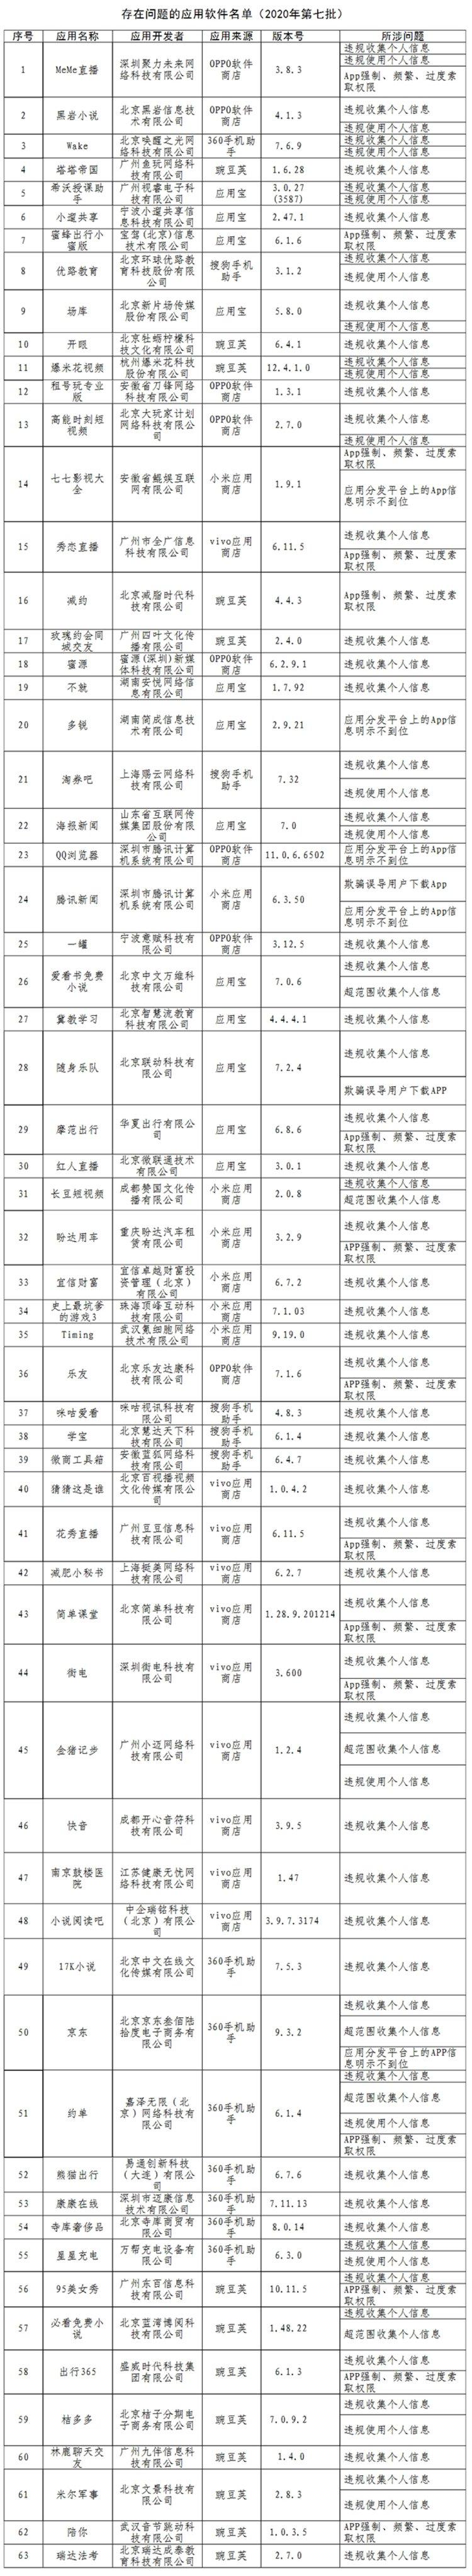 工信部通报63款侵害用户权益行为APP,涉腾讯新闻、京东